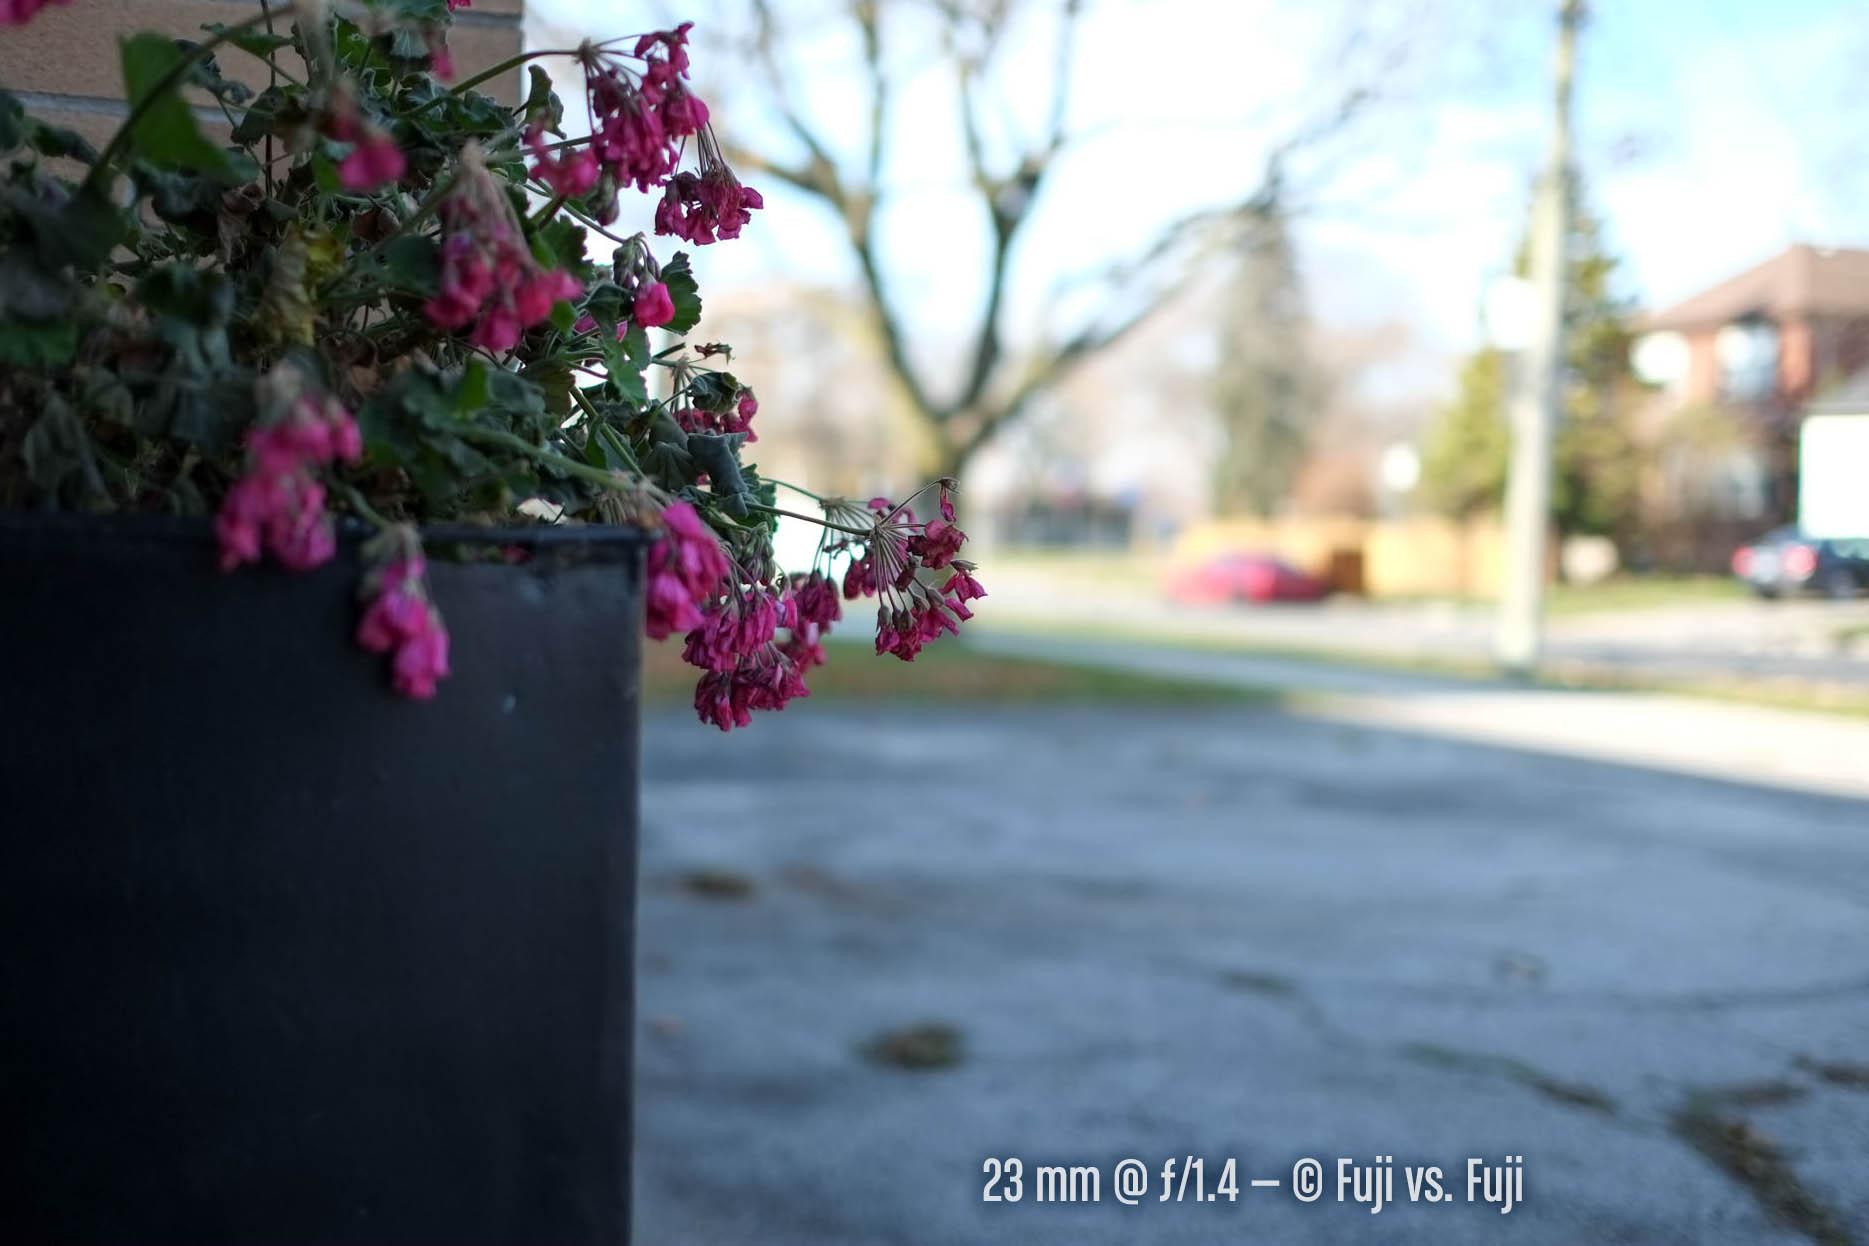 outdoorbokeh-23@1pt4.jpg